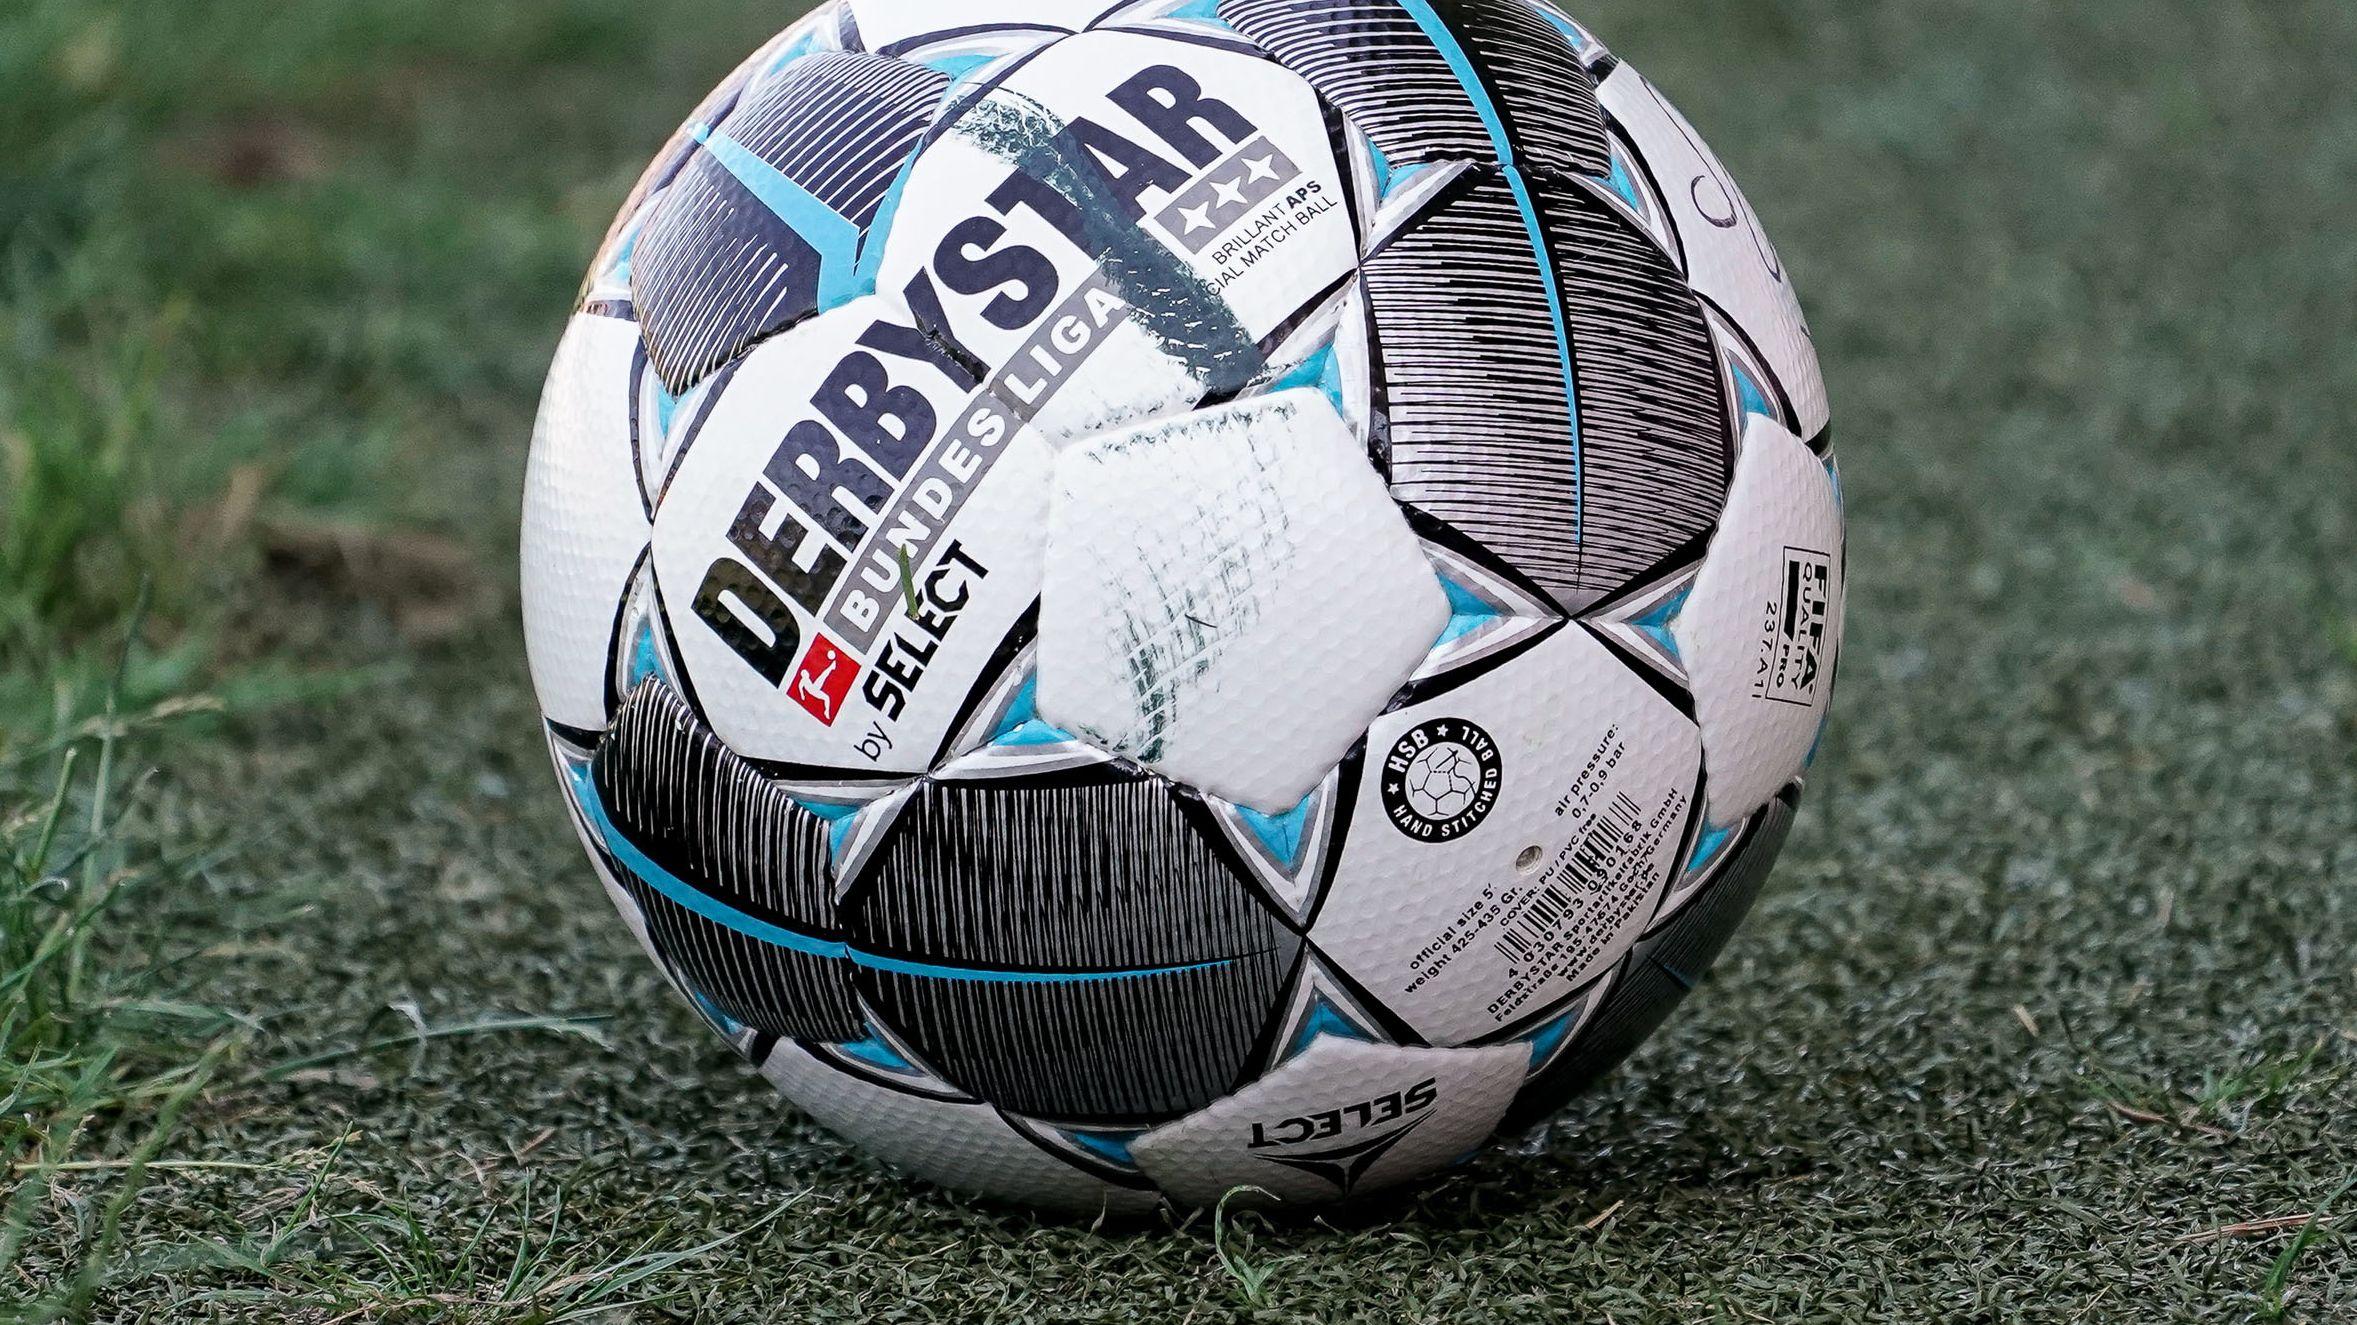 Fußball auf Kunstrasen liegend